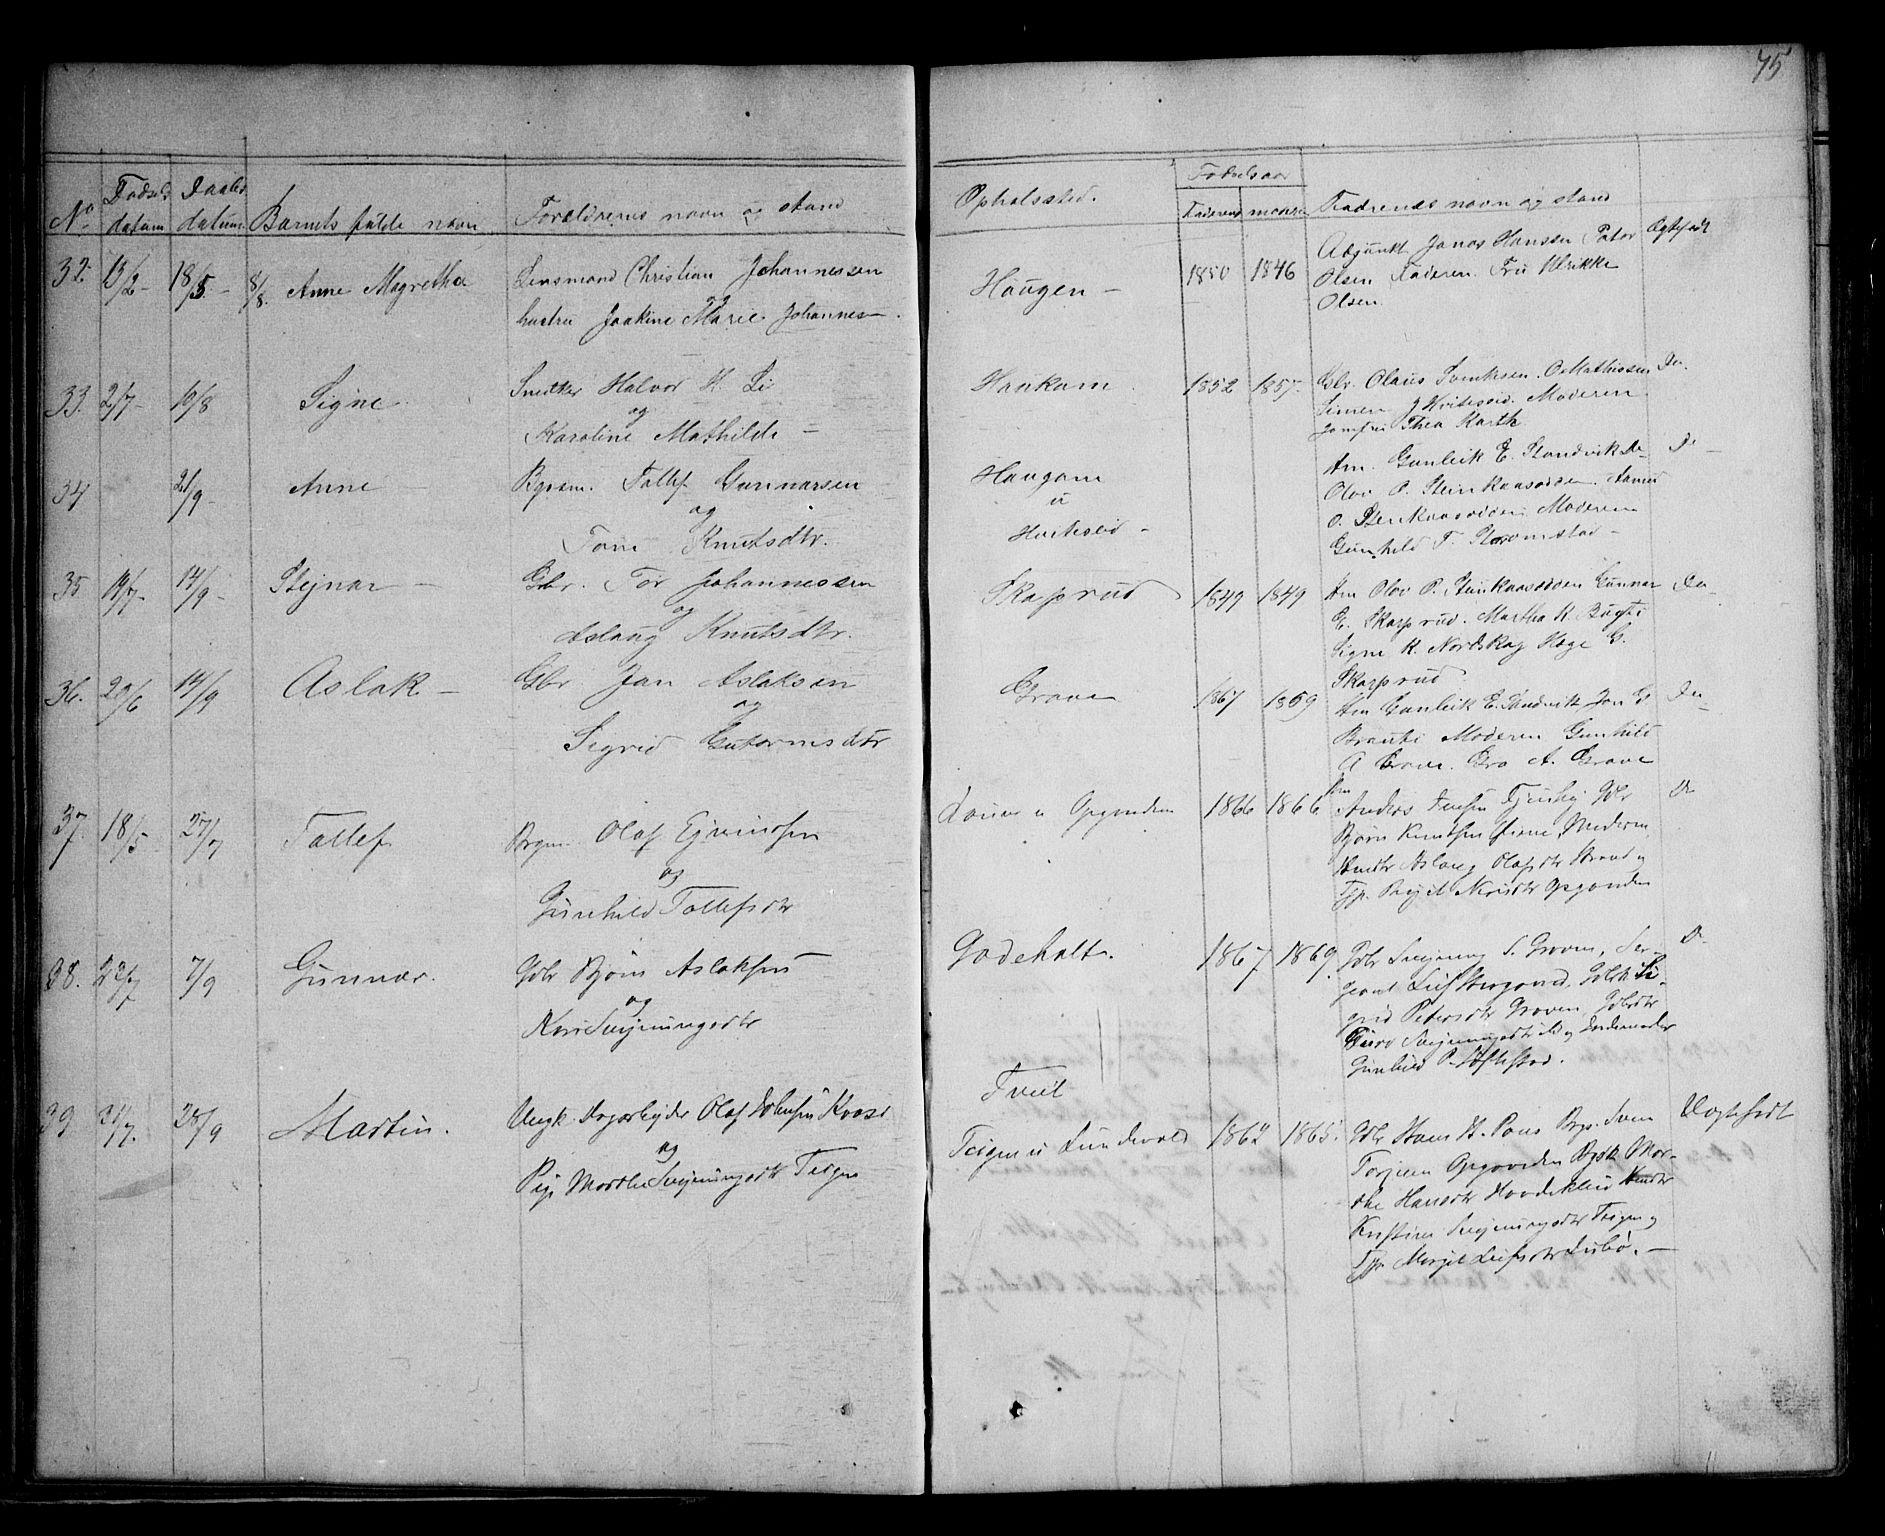 SAKO, Kviteseid kirkebøker, G/Ga/L0001: Klokkerbok nr. I 1, 1850-1893, s. 75